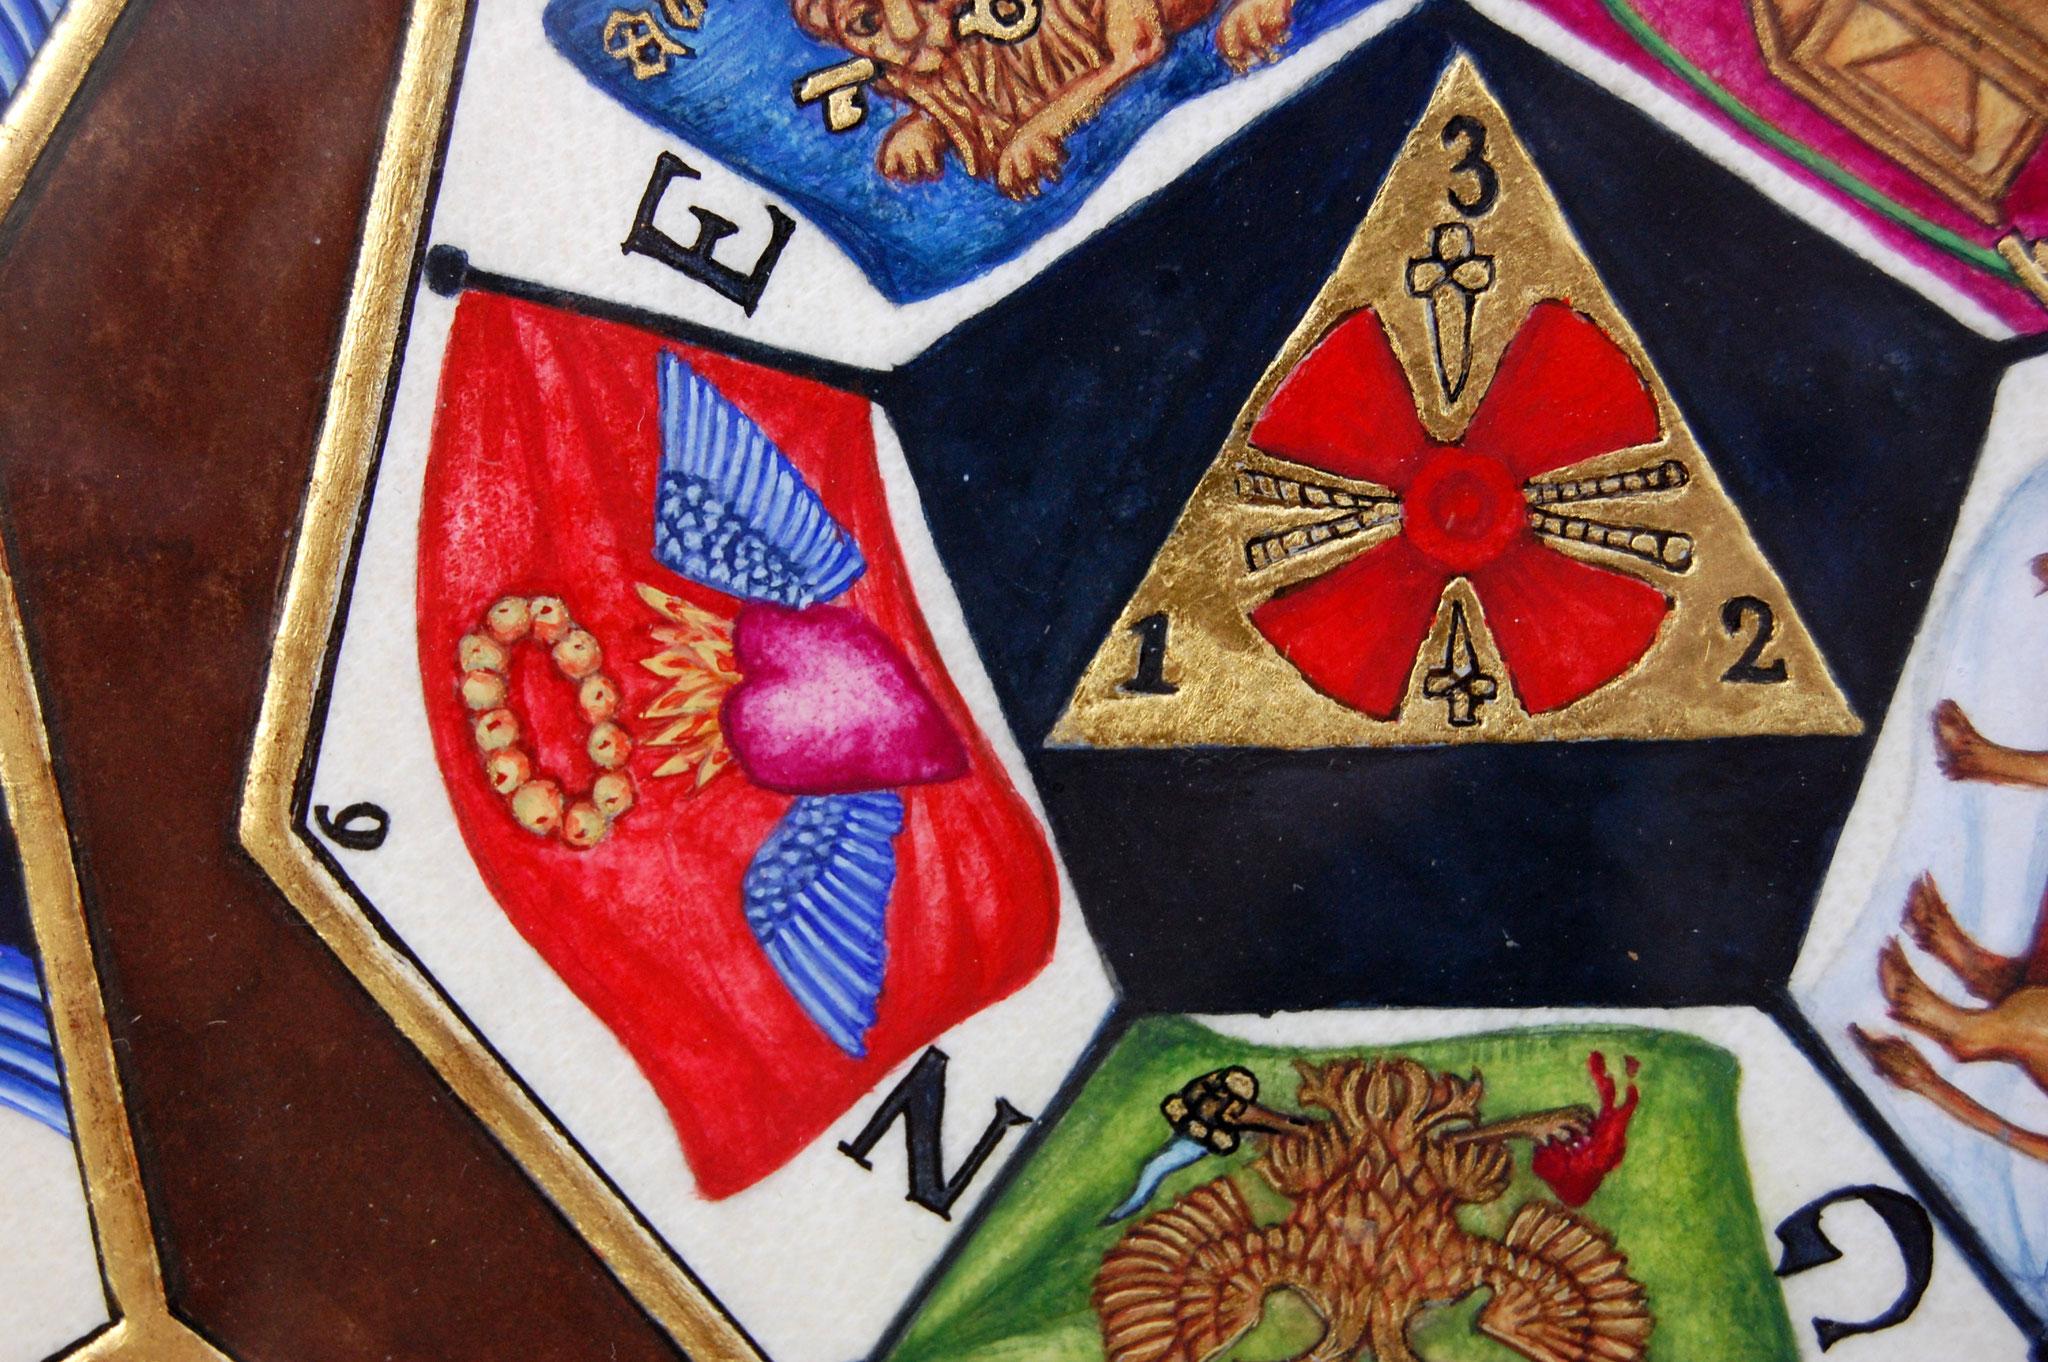 Le sceau du Sublime Prince du Royal Secret réalisé en enluminure par Sandra Clerbois - détail du coeur ensanglanté